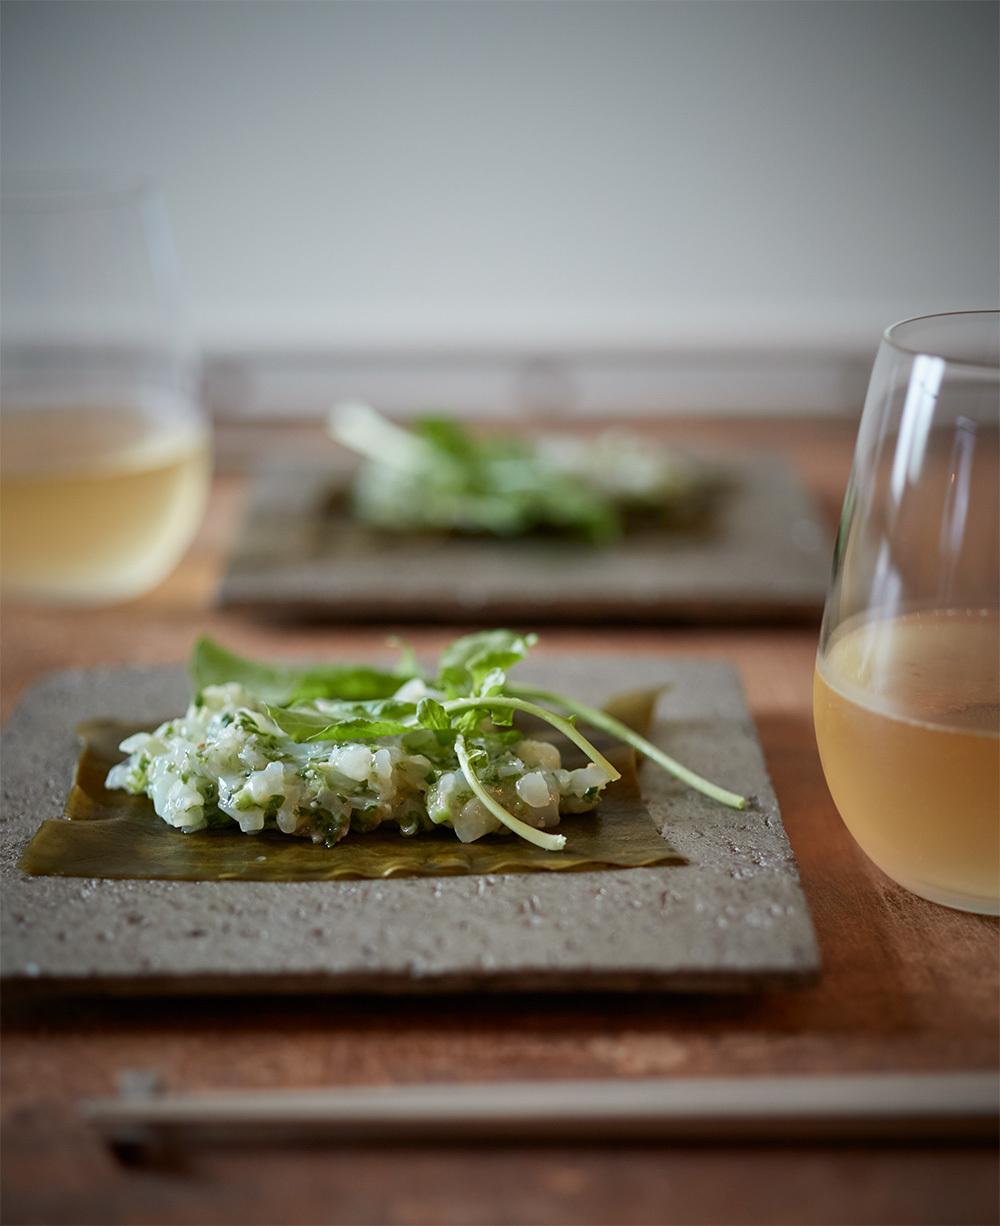 【オーストリア白ワインに合うおつまみレシピ 2】いかとルッコラのなめろう風1